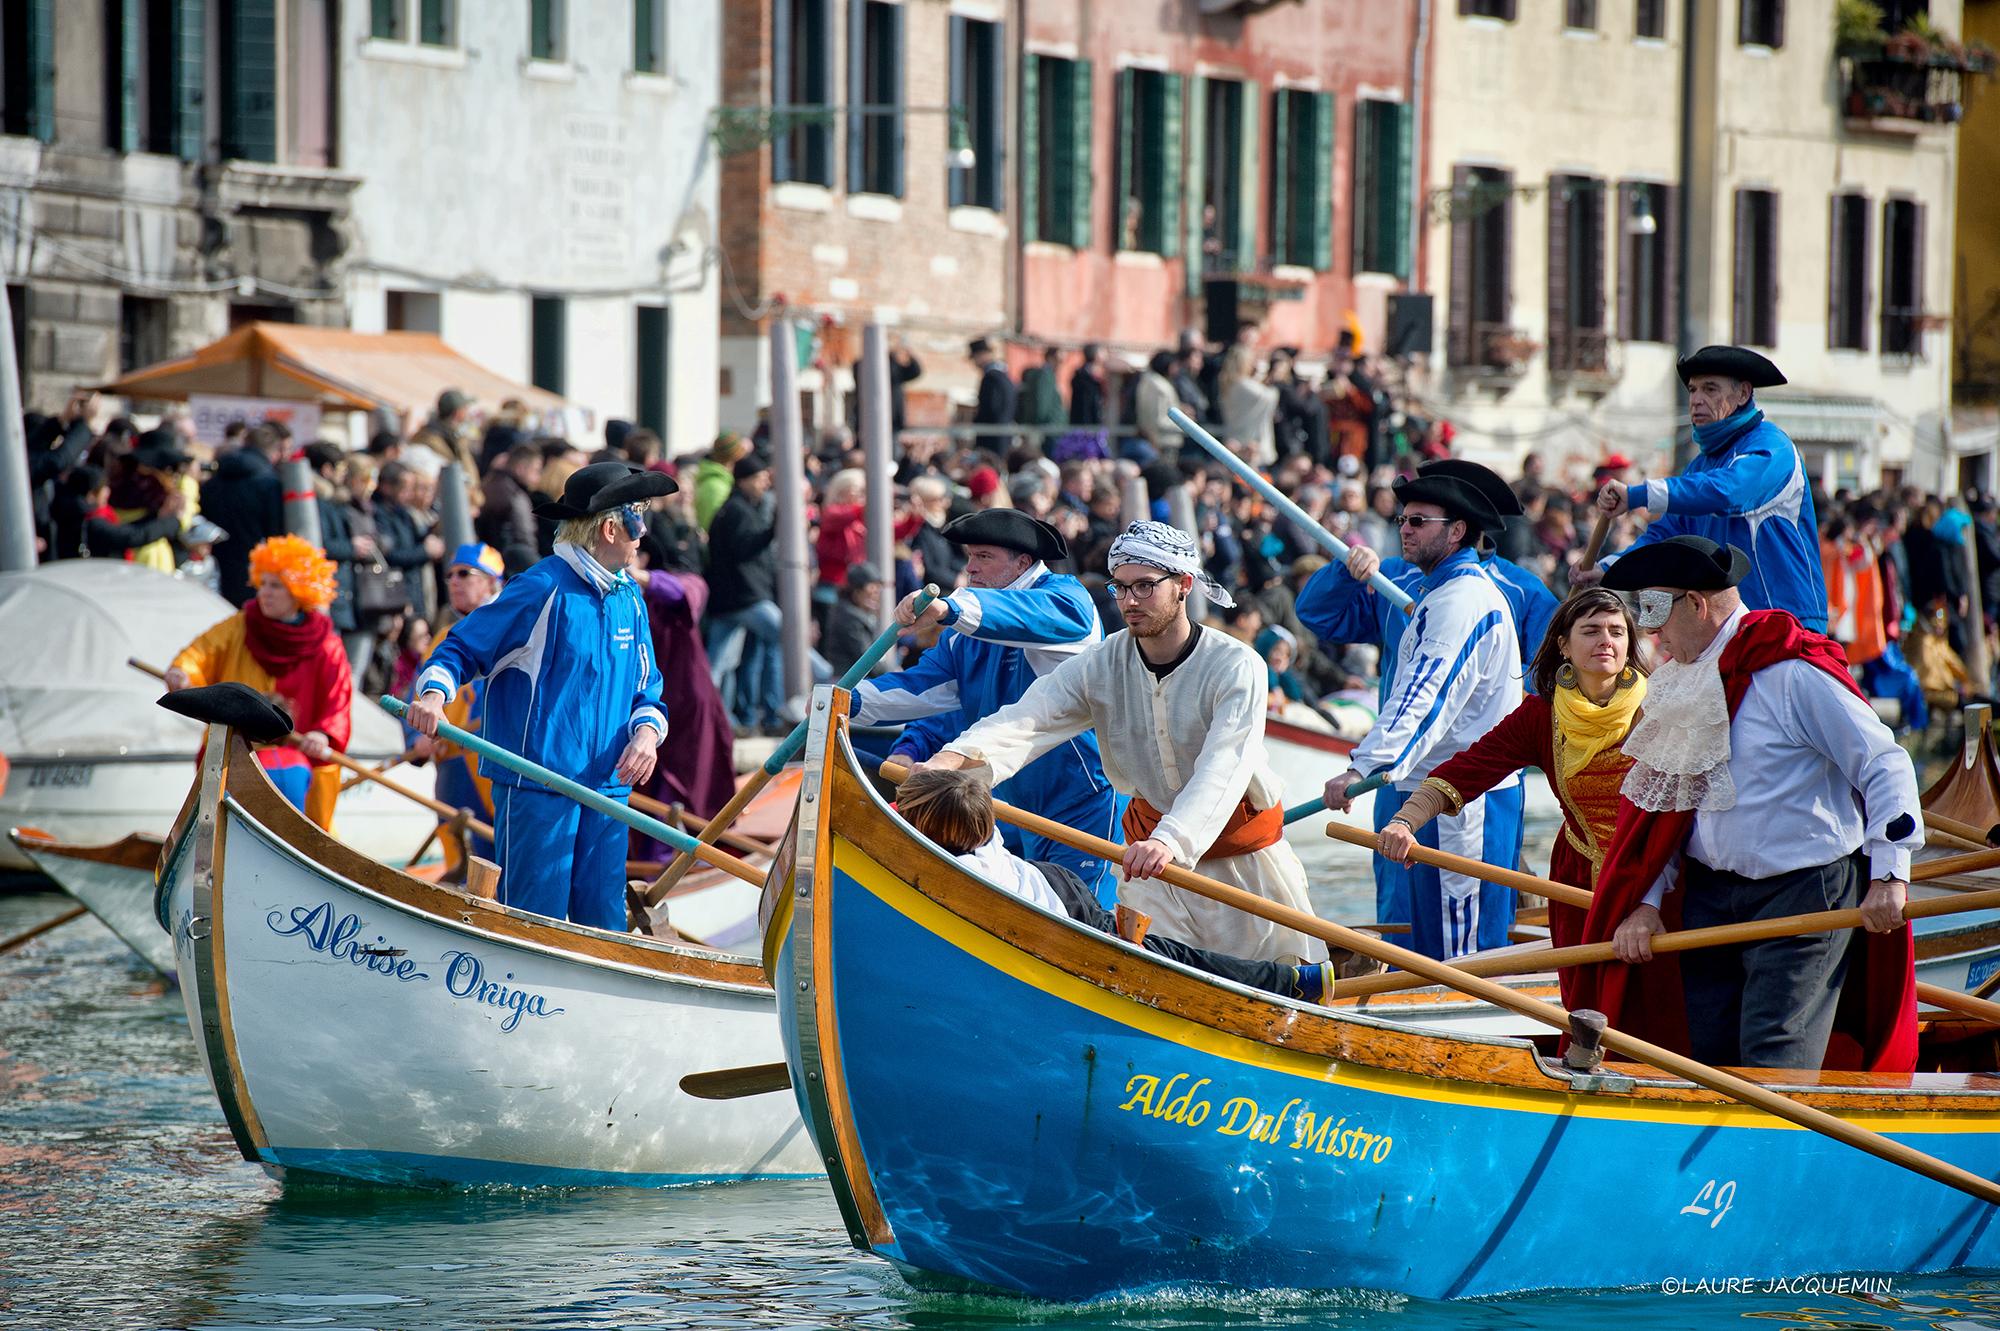 Meilleur photos Carnaval de Venise 2018 laure jacquemin (91)